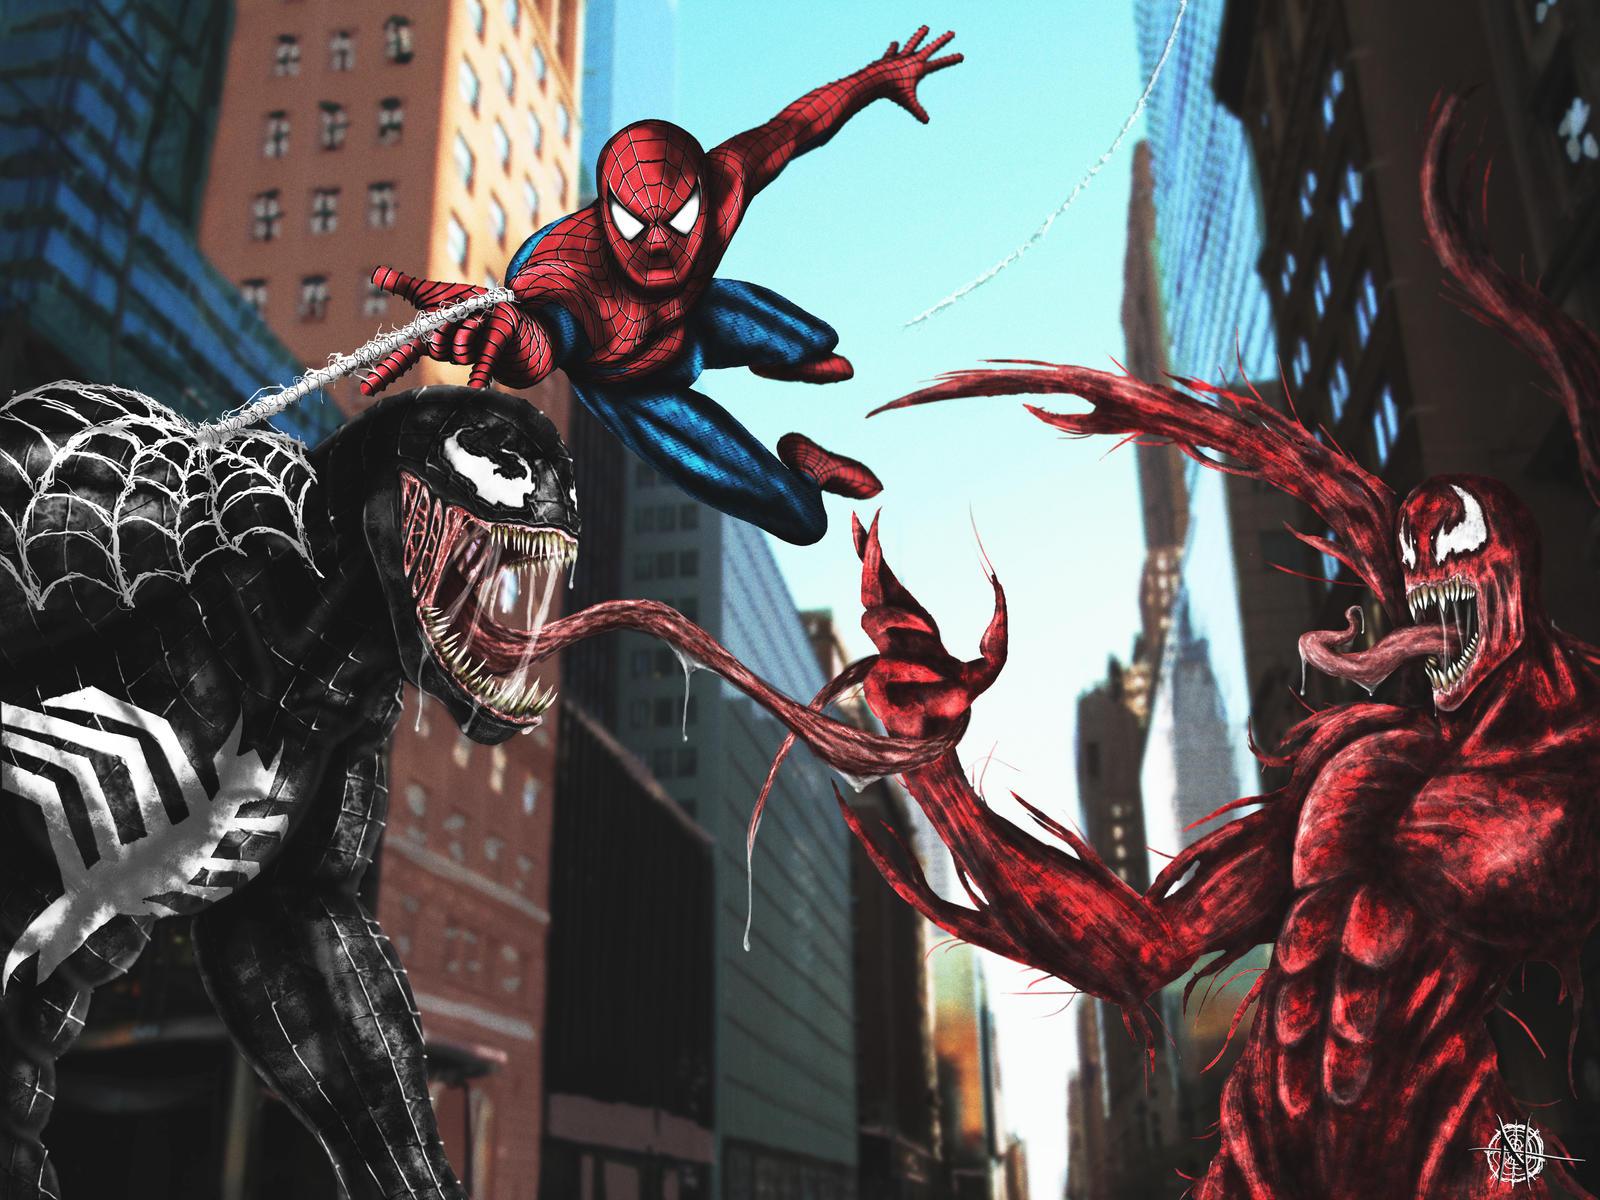 Spiderman vs venom vs carnage toys